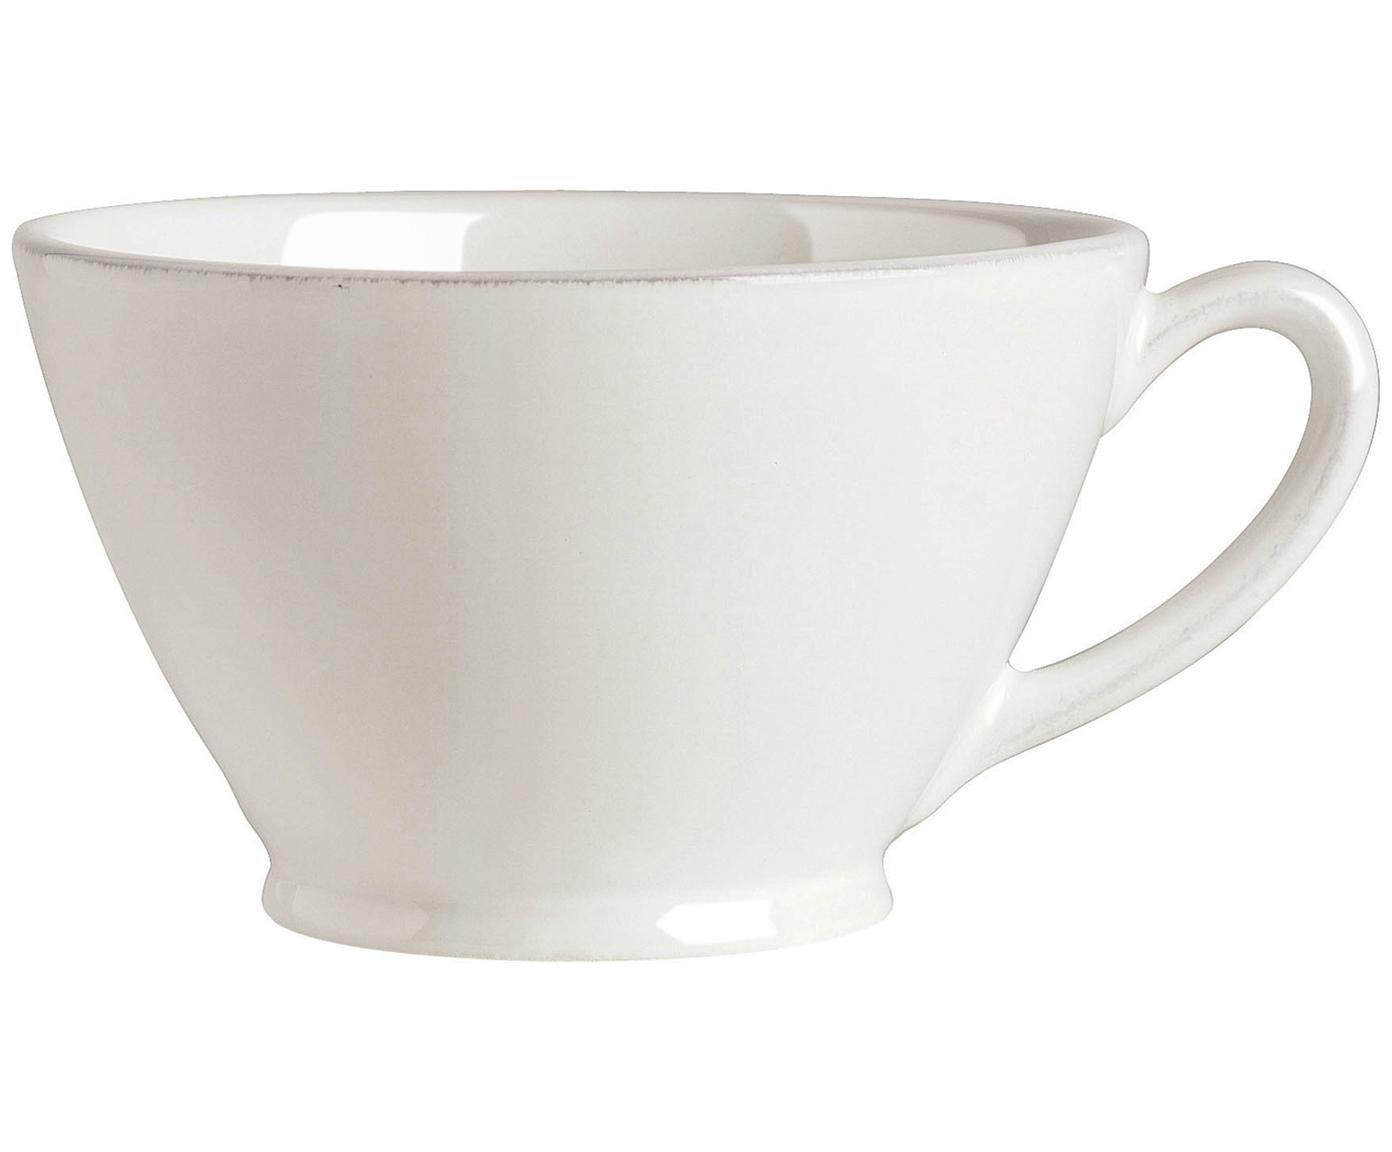 Filiżanka XL Constance, Ceramika, Biały, Ø 18 x 9 cm